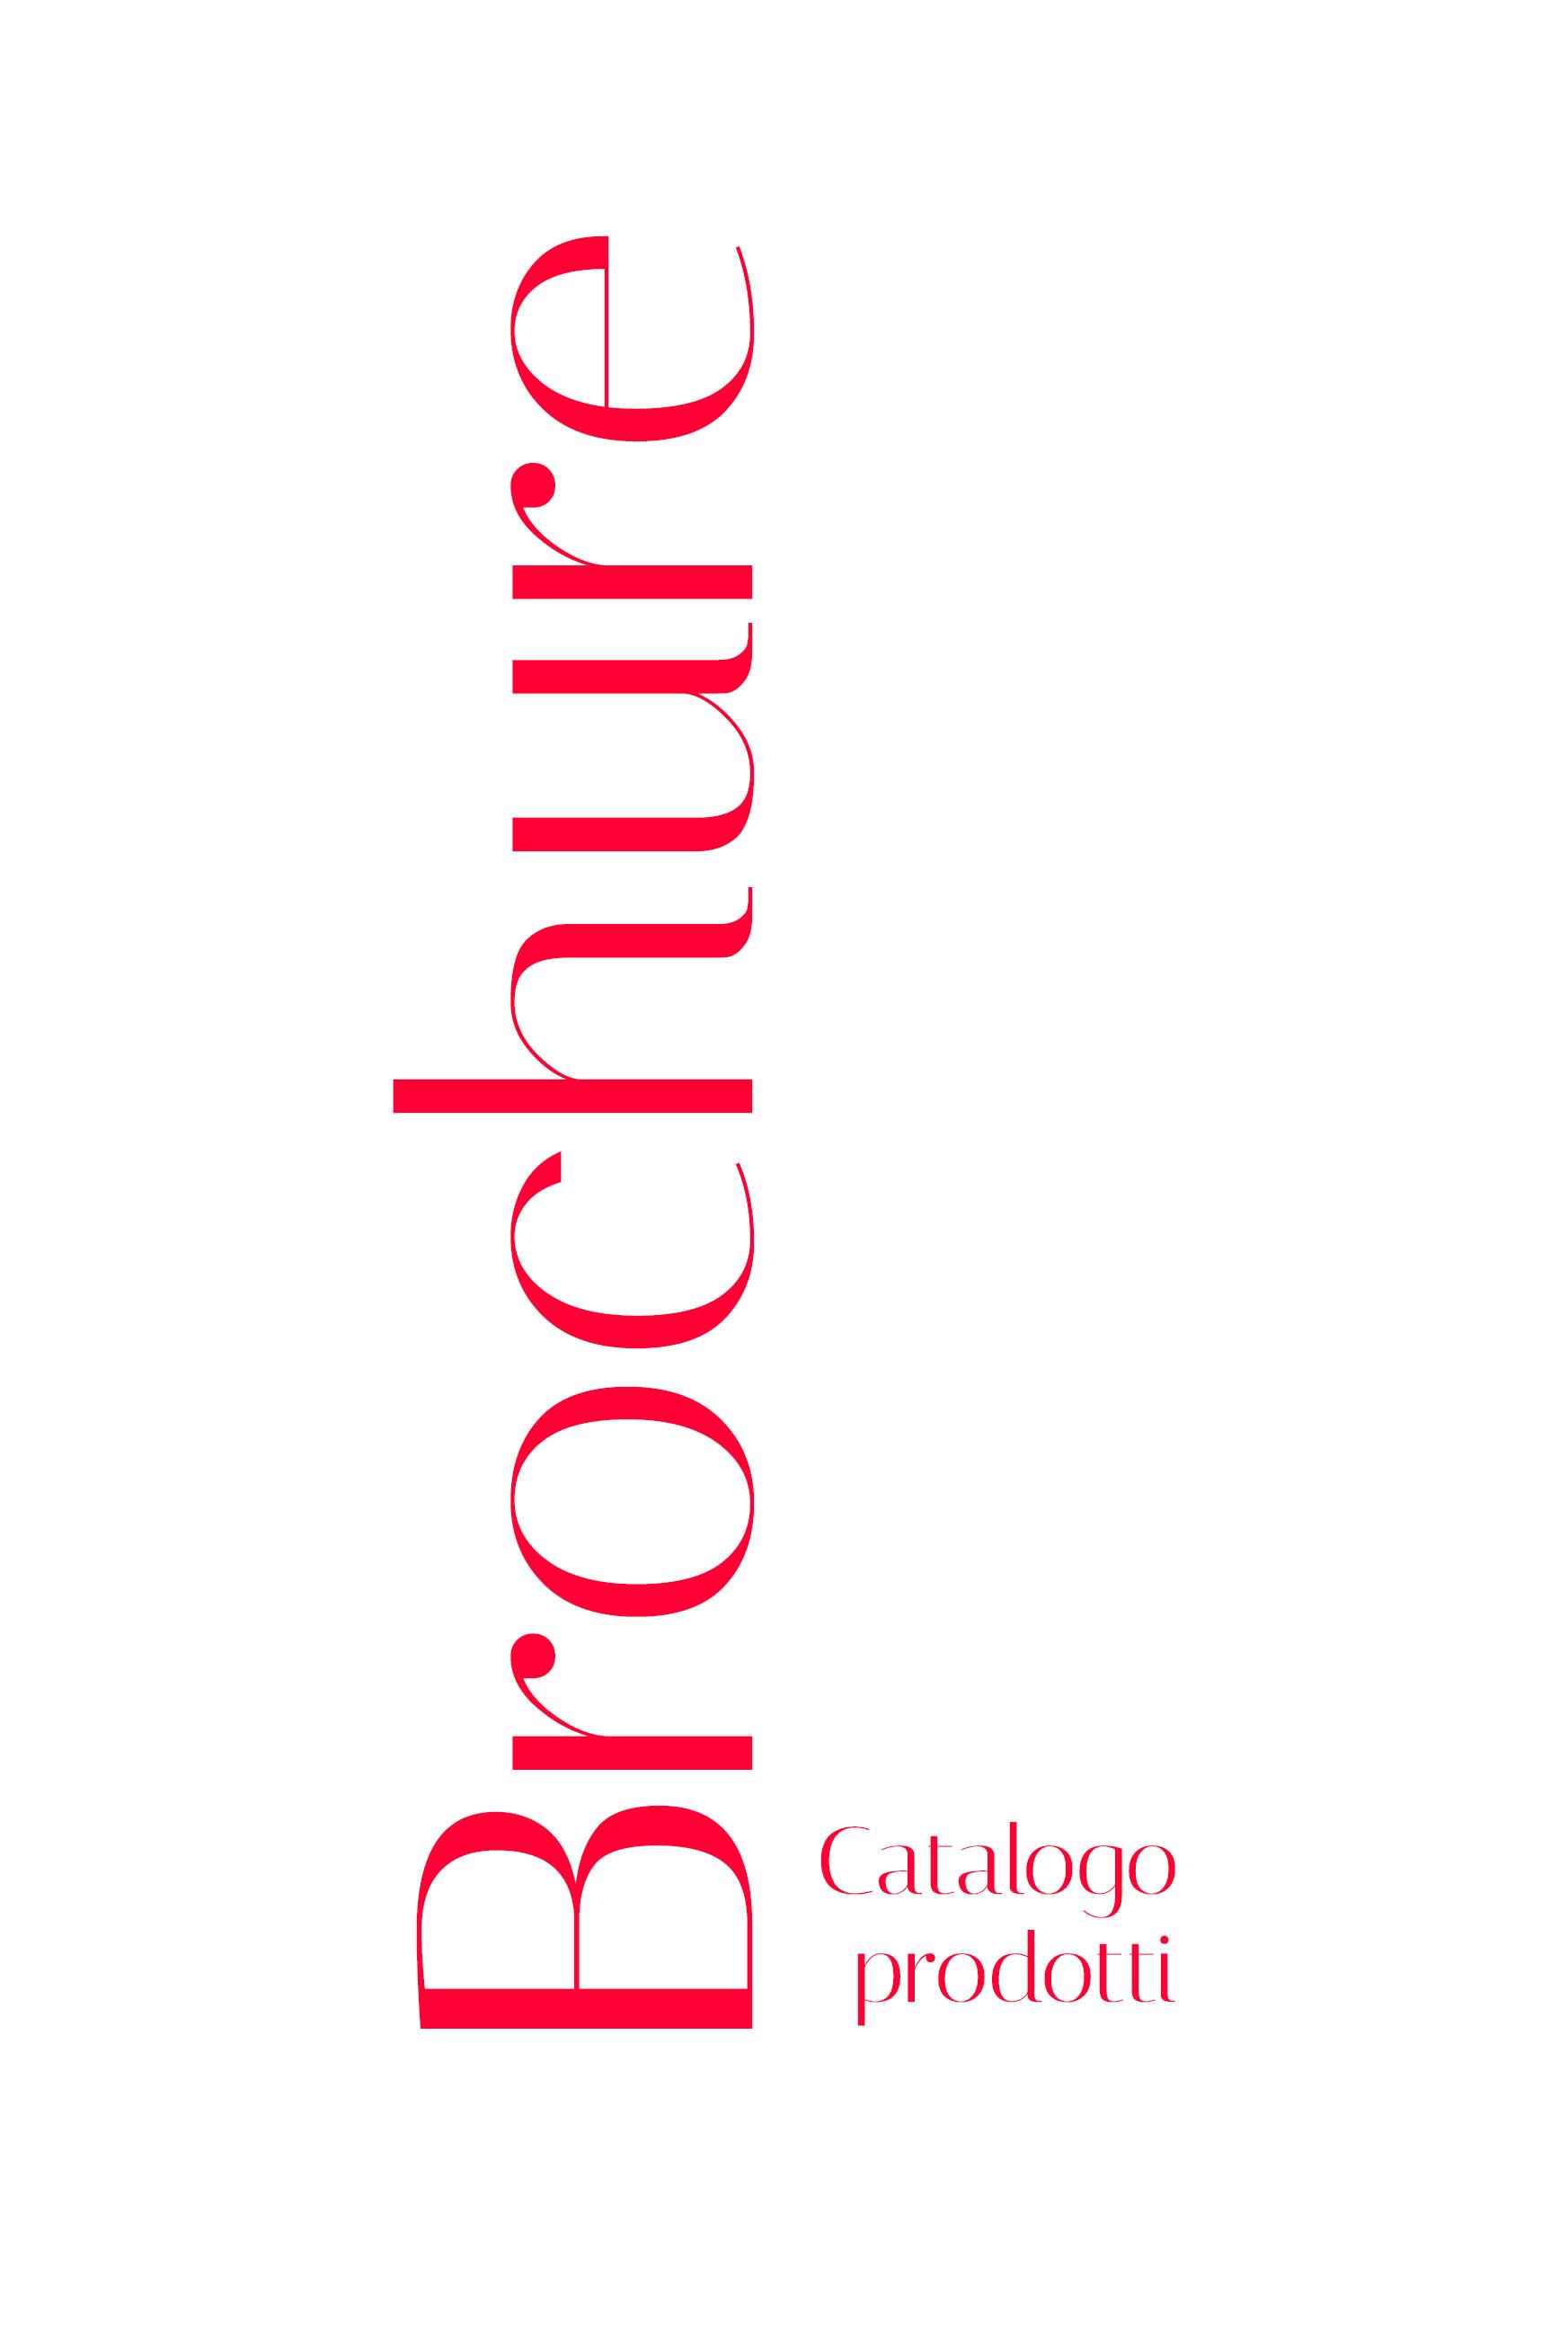 catalogoprodotti